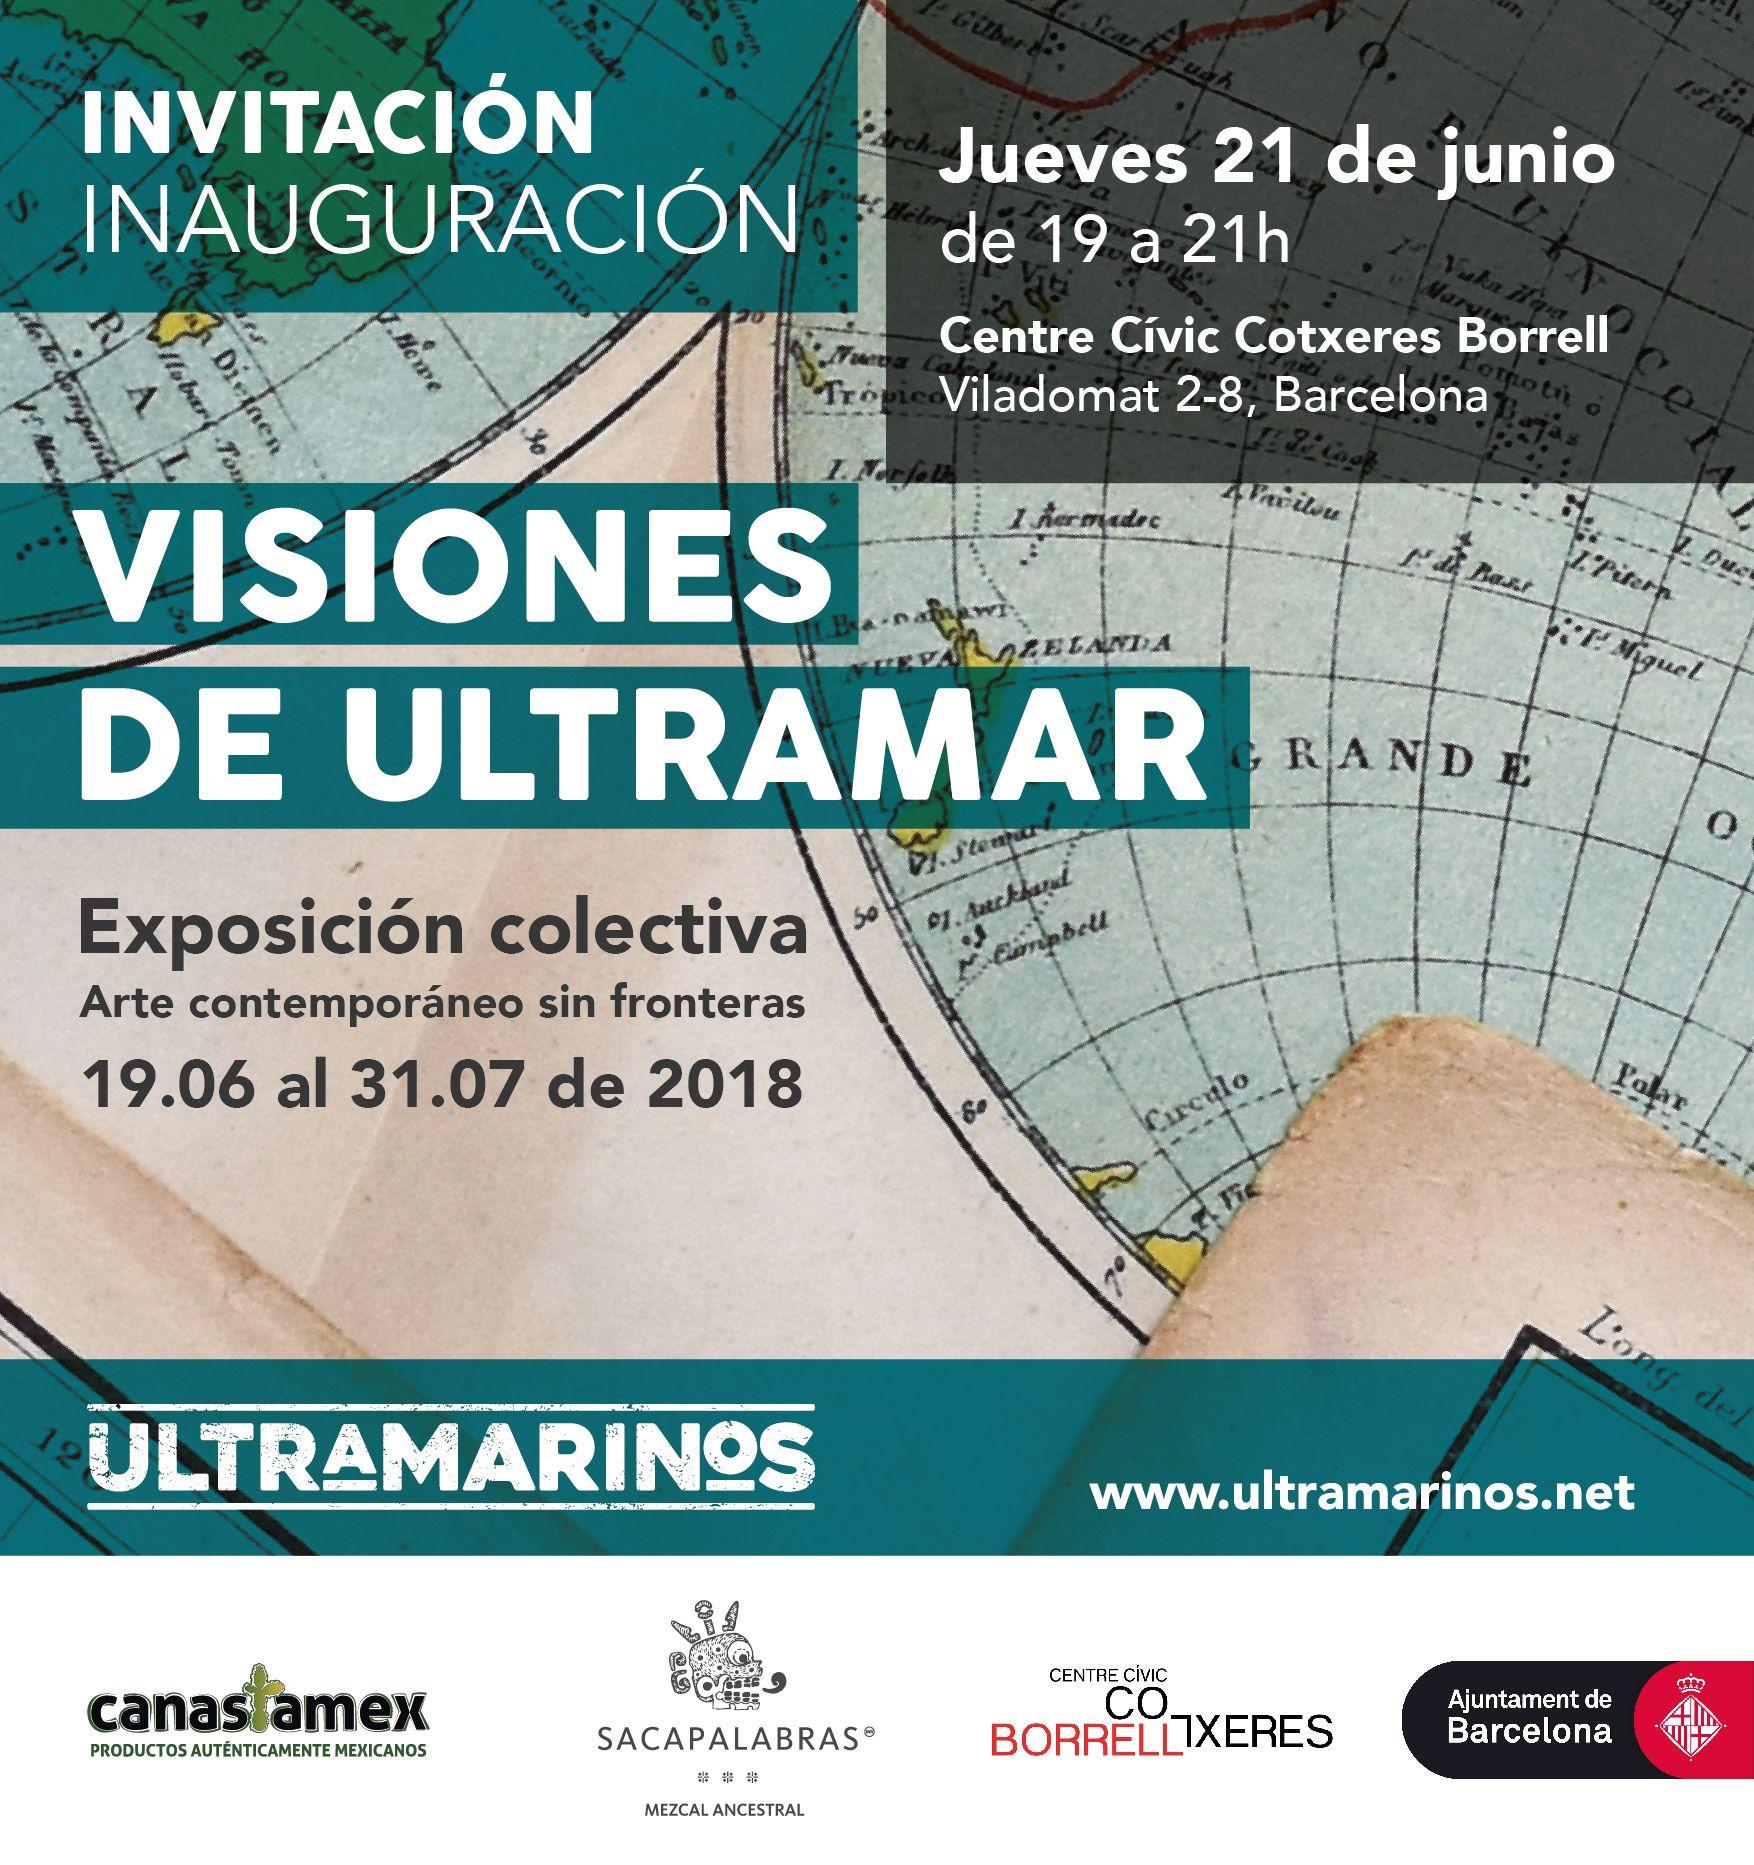 Exposición colectiva Visiones de ultramar 2018